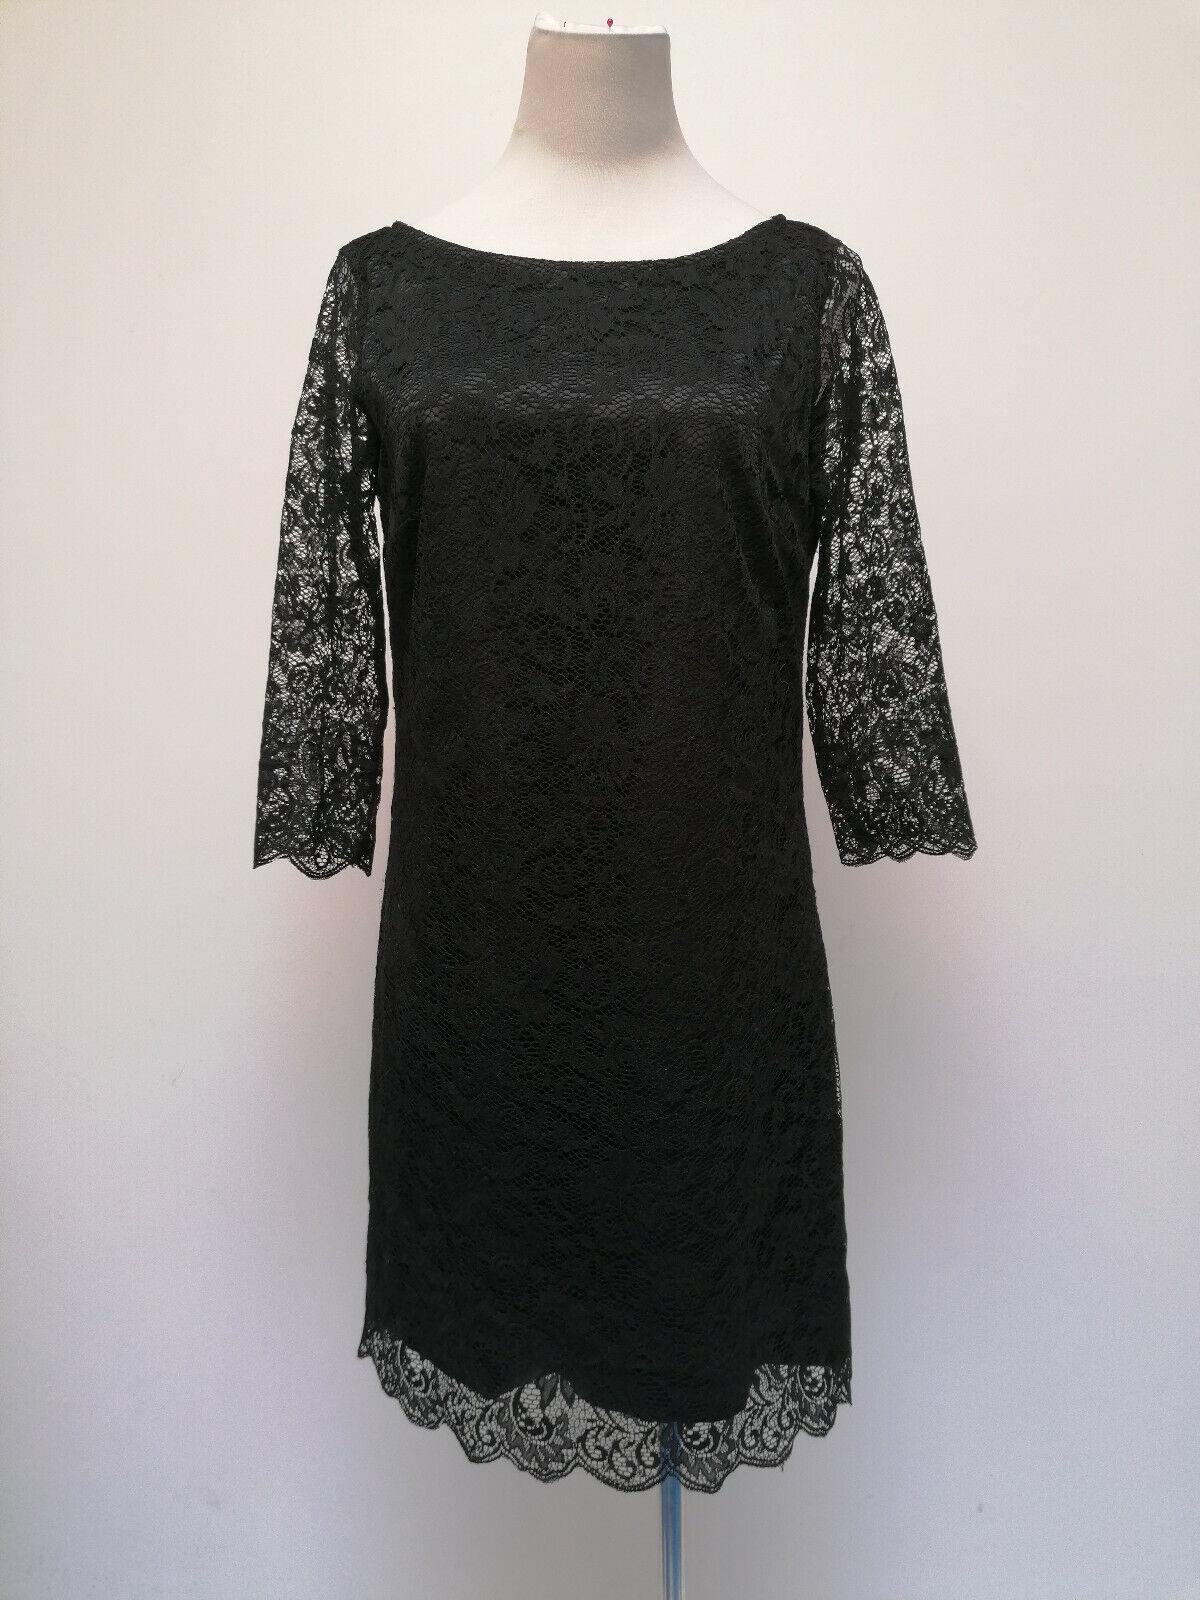 de.corp Esprit Damen 3/4 Ärmel Spitze Kleid schwarz Blumen Größe 36 36257